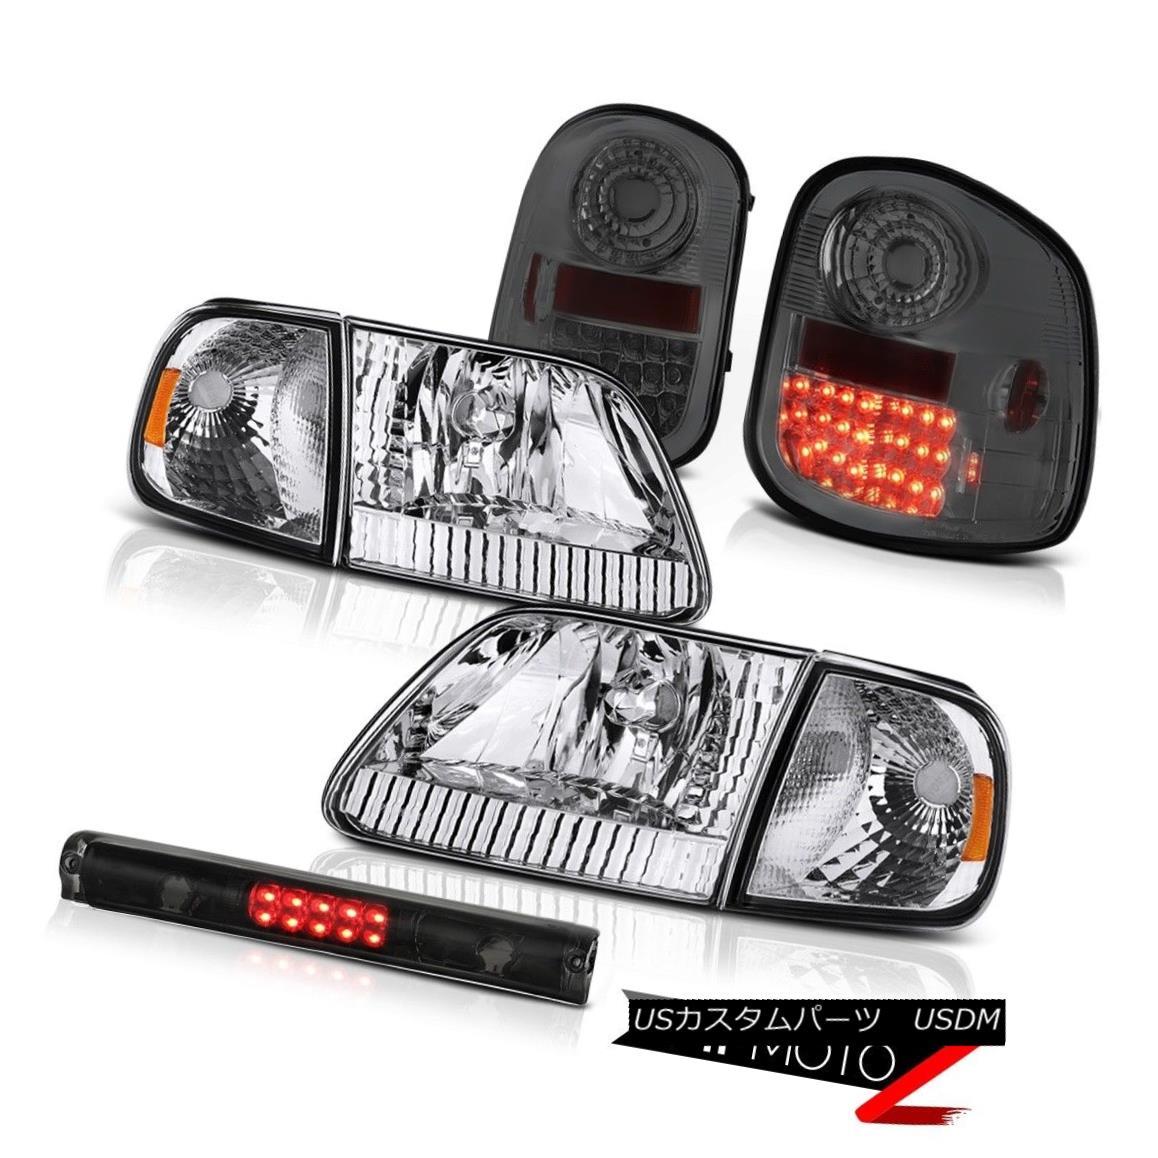 テールライト Headlights Bumper Tinted LED Brake Lights Roof Stop 97-03 F150 Flareside Lariat ヘッドライトバンパーティンテッドLEDブレーキライトルーフストップ97-03 F150 Flareside Lariat